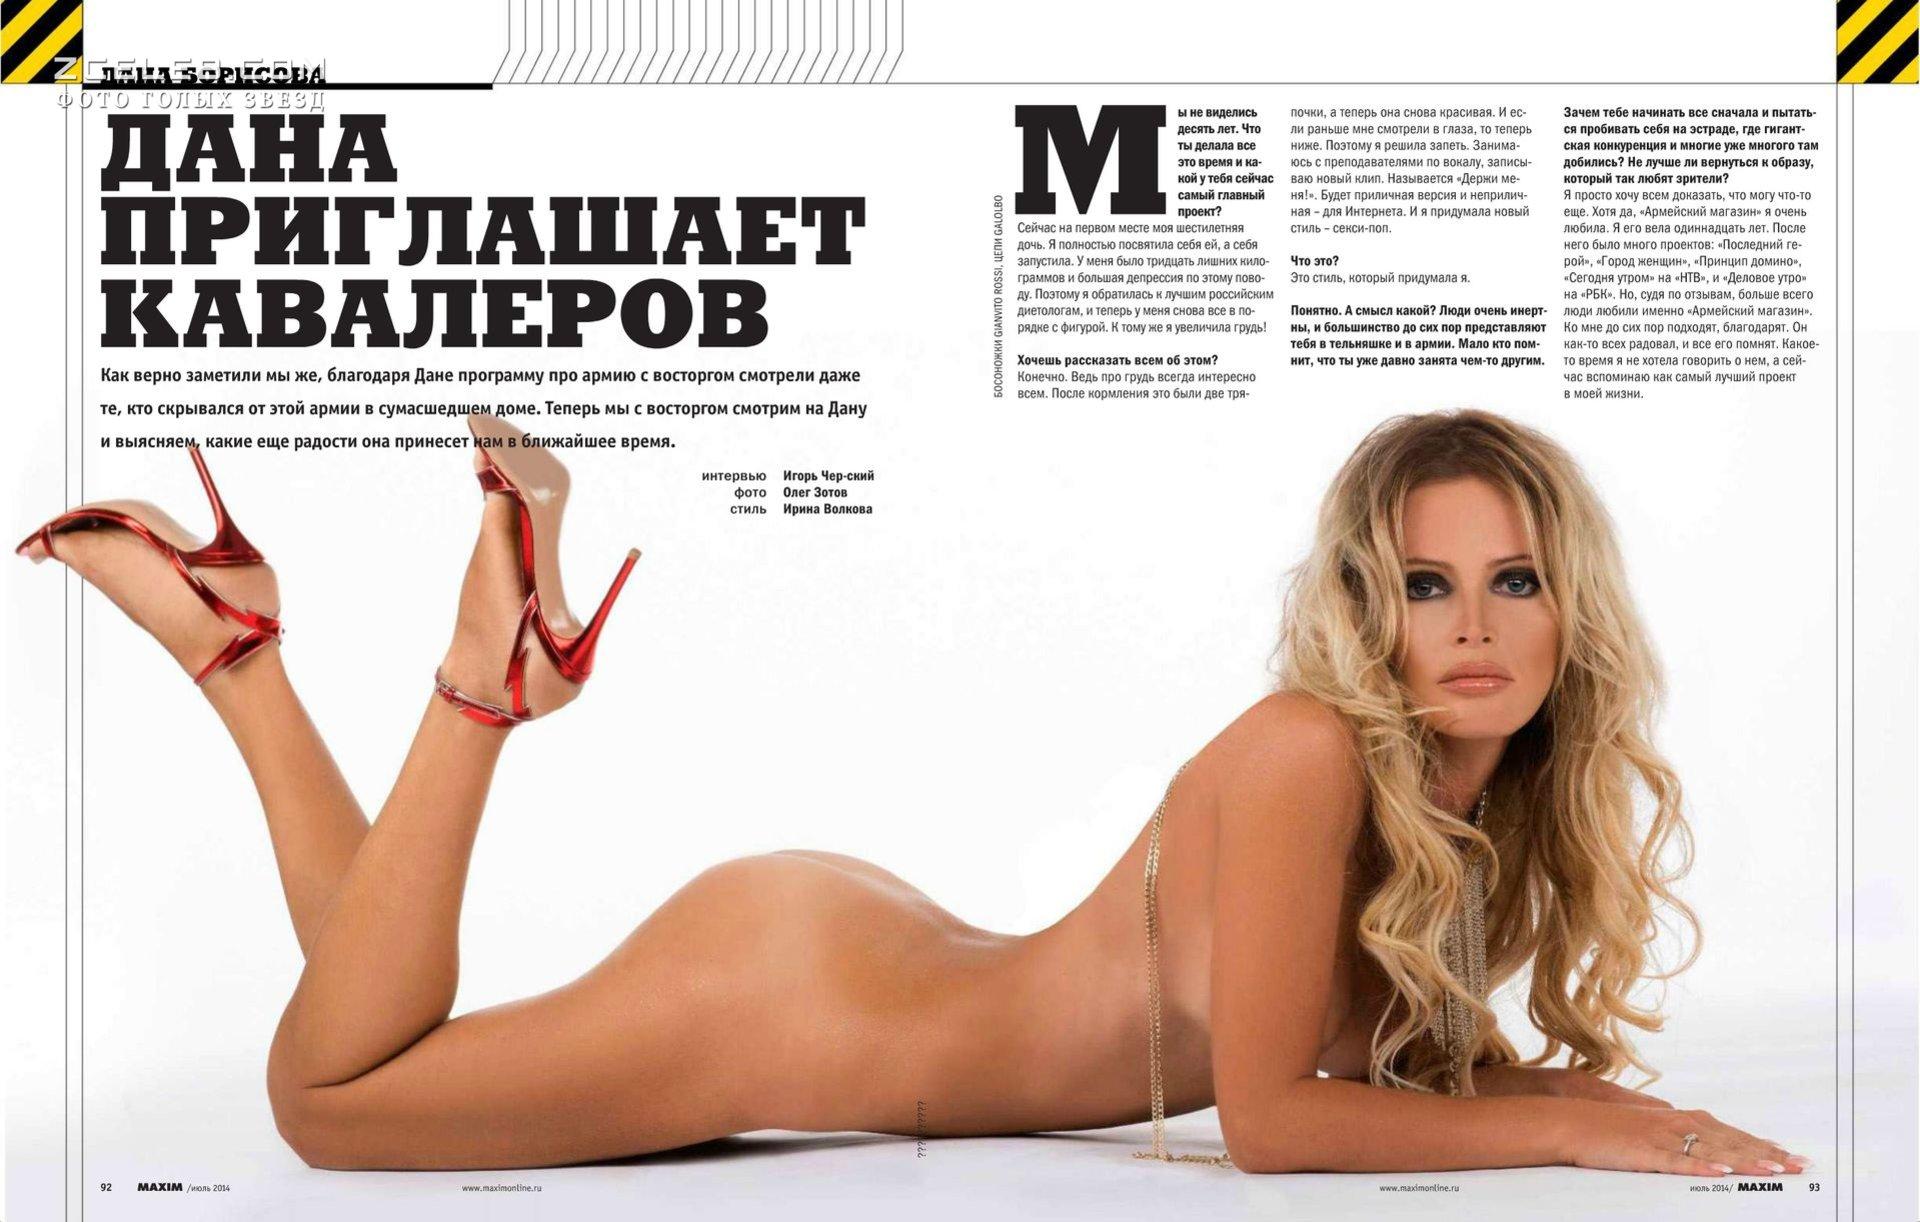 Обнаженная Дана Борисова